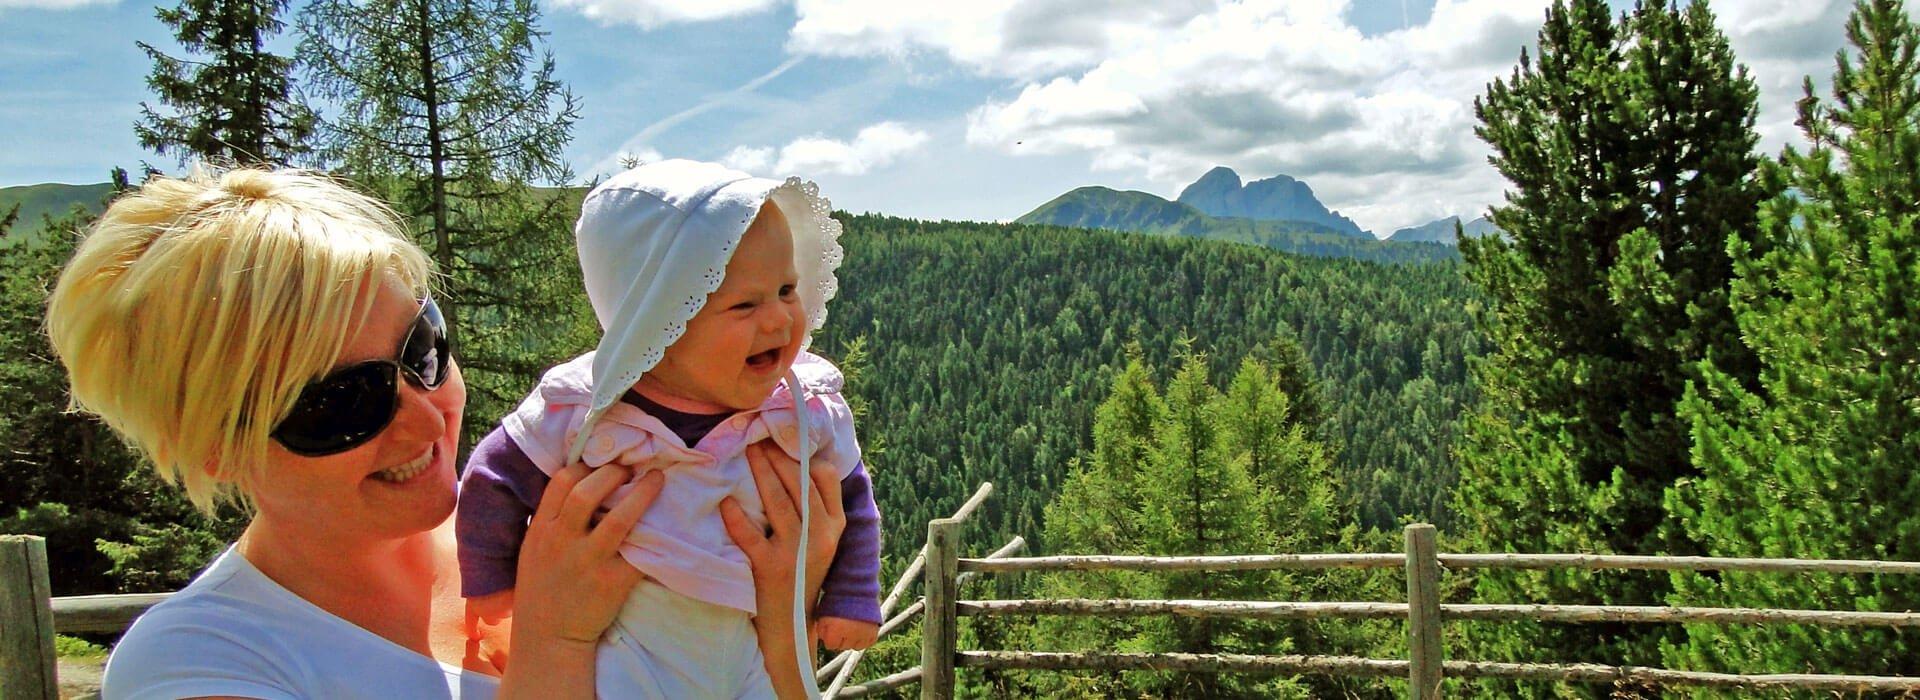 aktivurlaub-mit-kleinkind